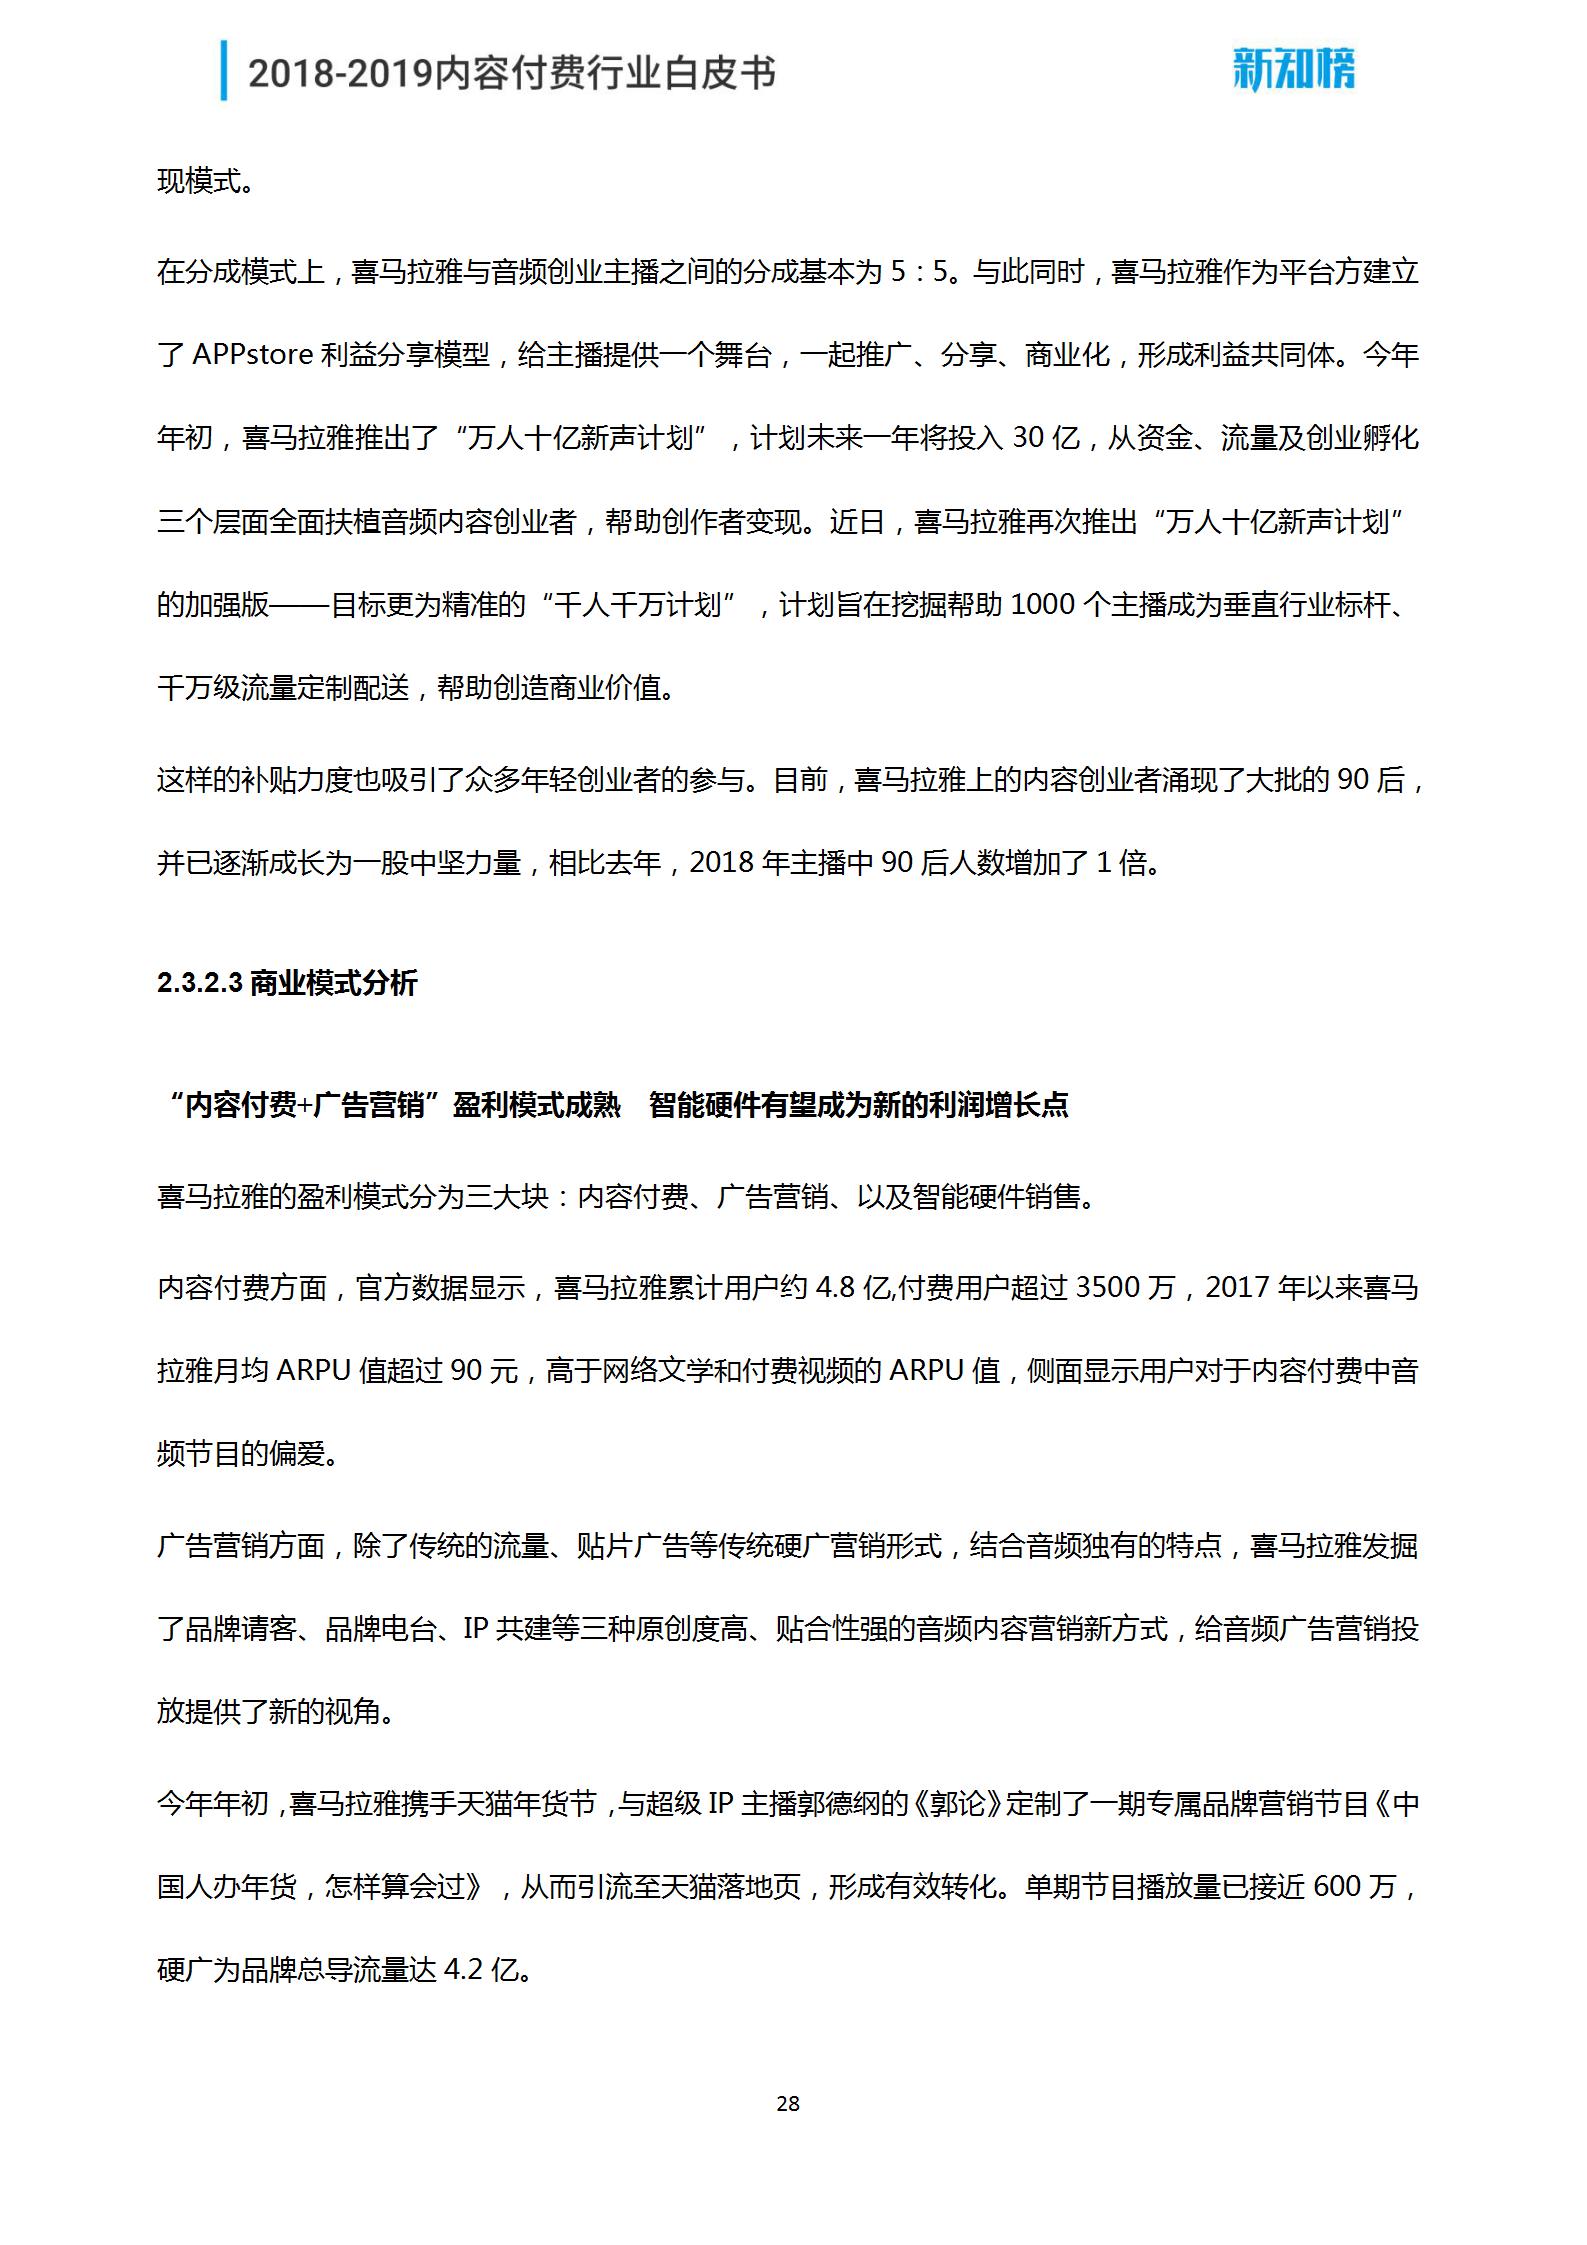 新知榜2018-2019内容付费行业白皮书_28.png